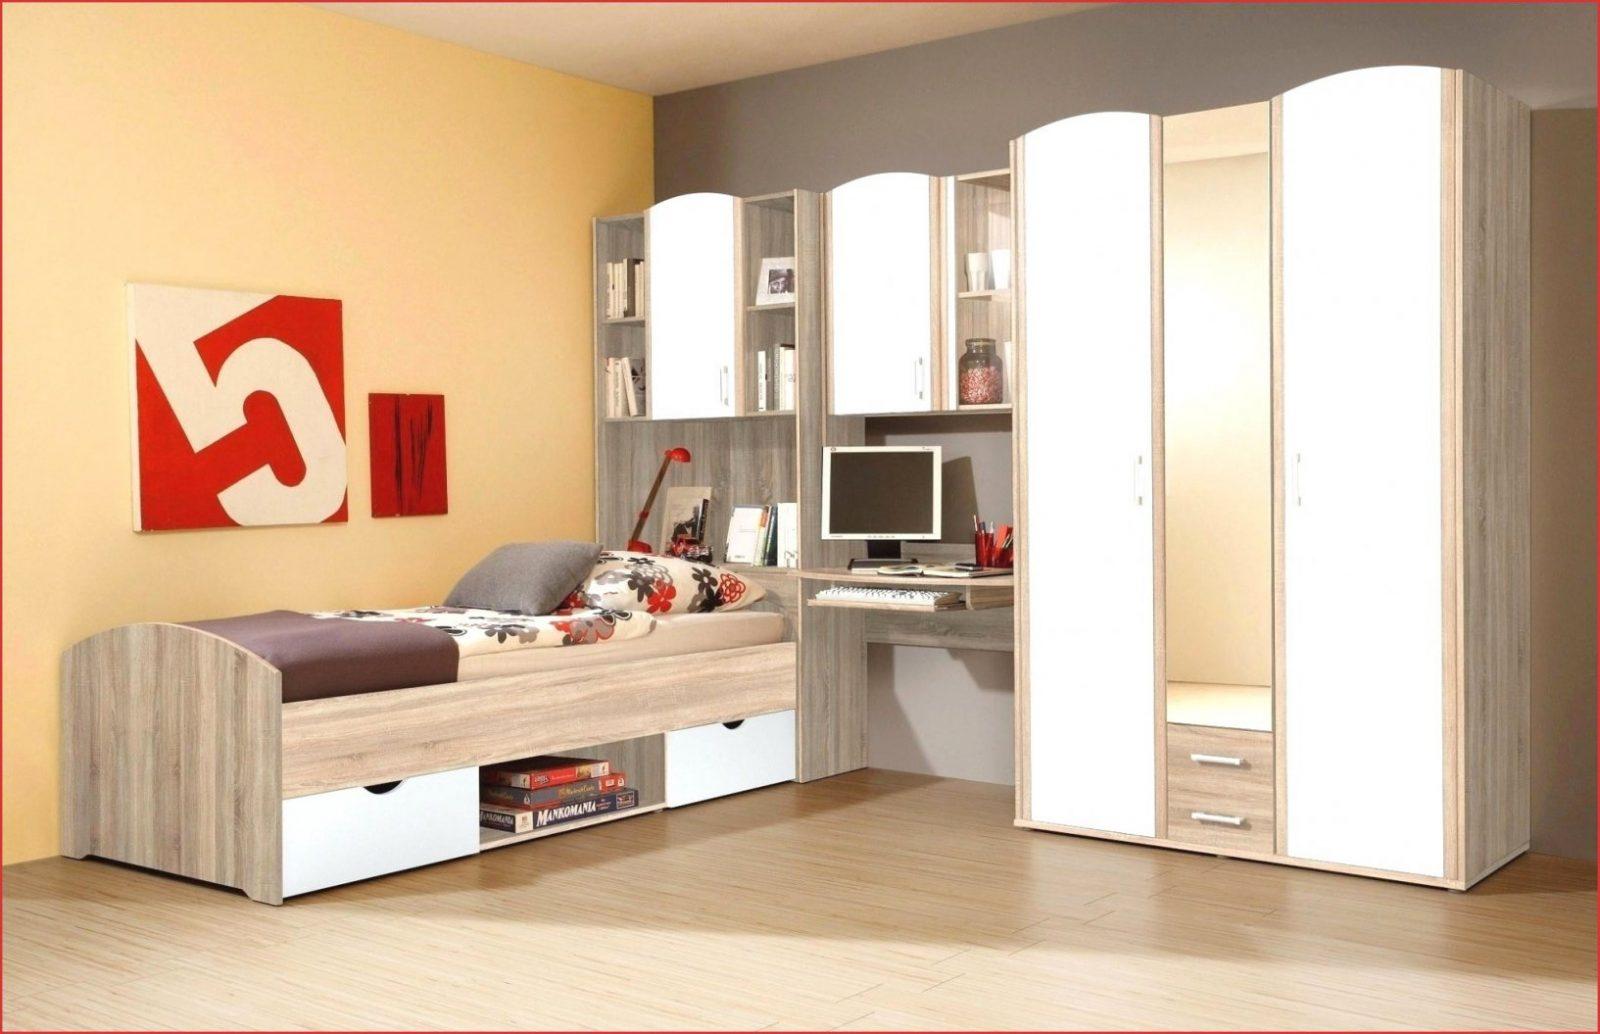 Halbhohes Bett Mit Schreibtisch Genial Schrank Betten Schön Schrank von Bett Mit Schreibtisch Und Schrank Photo